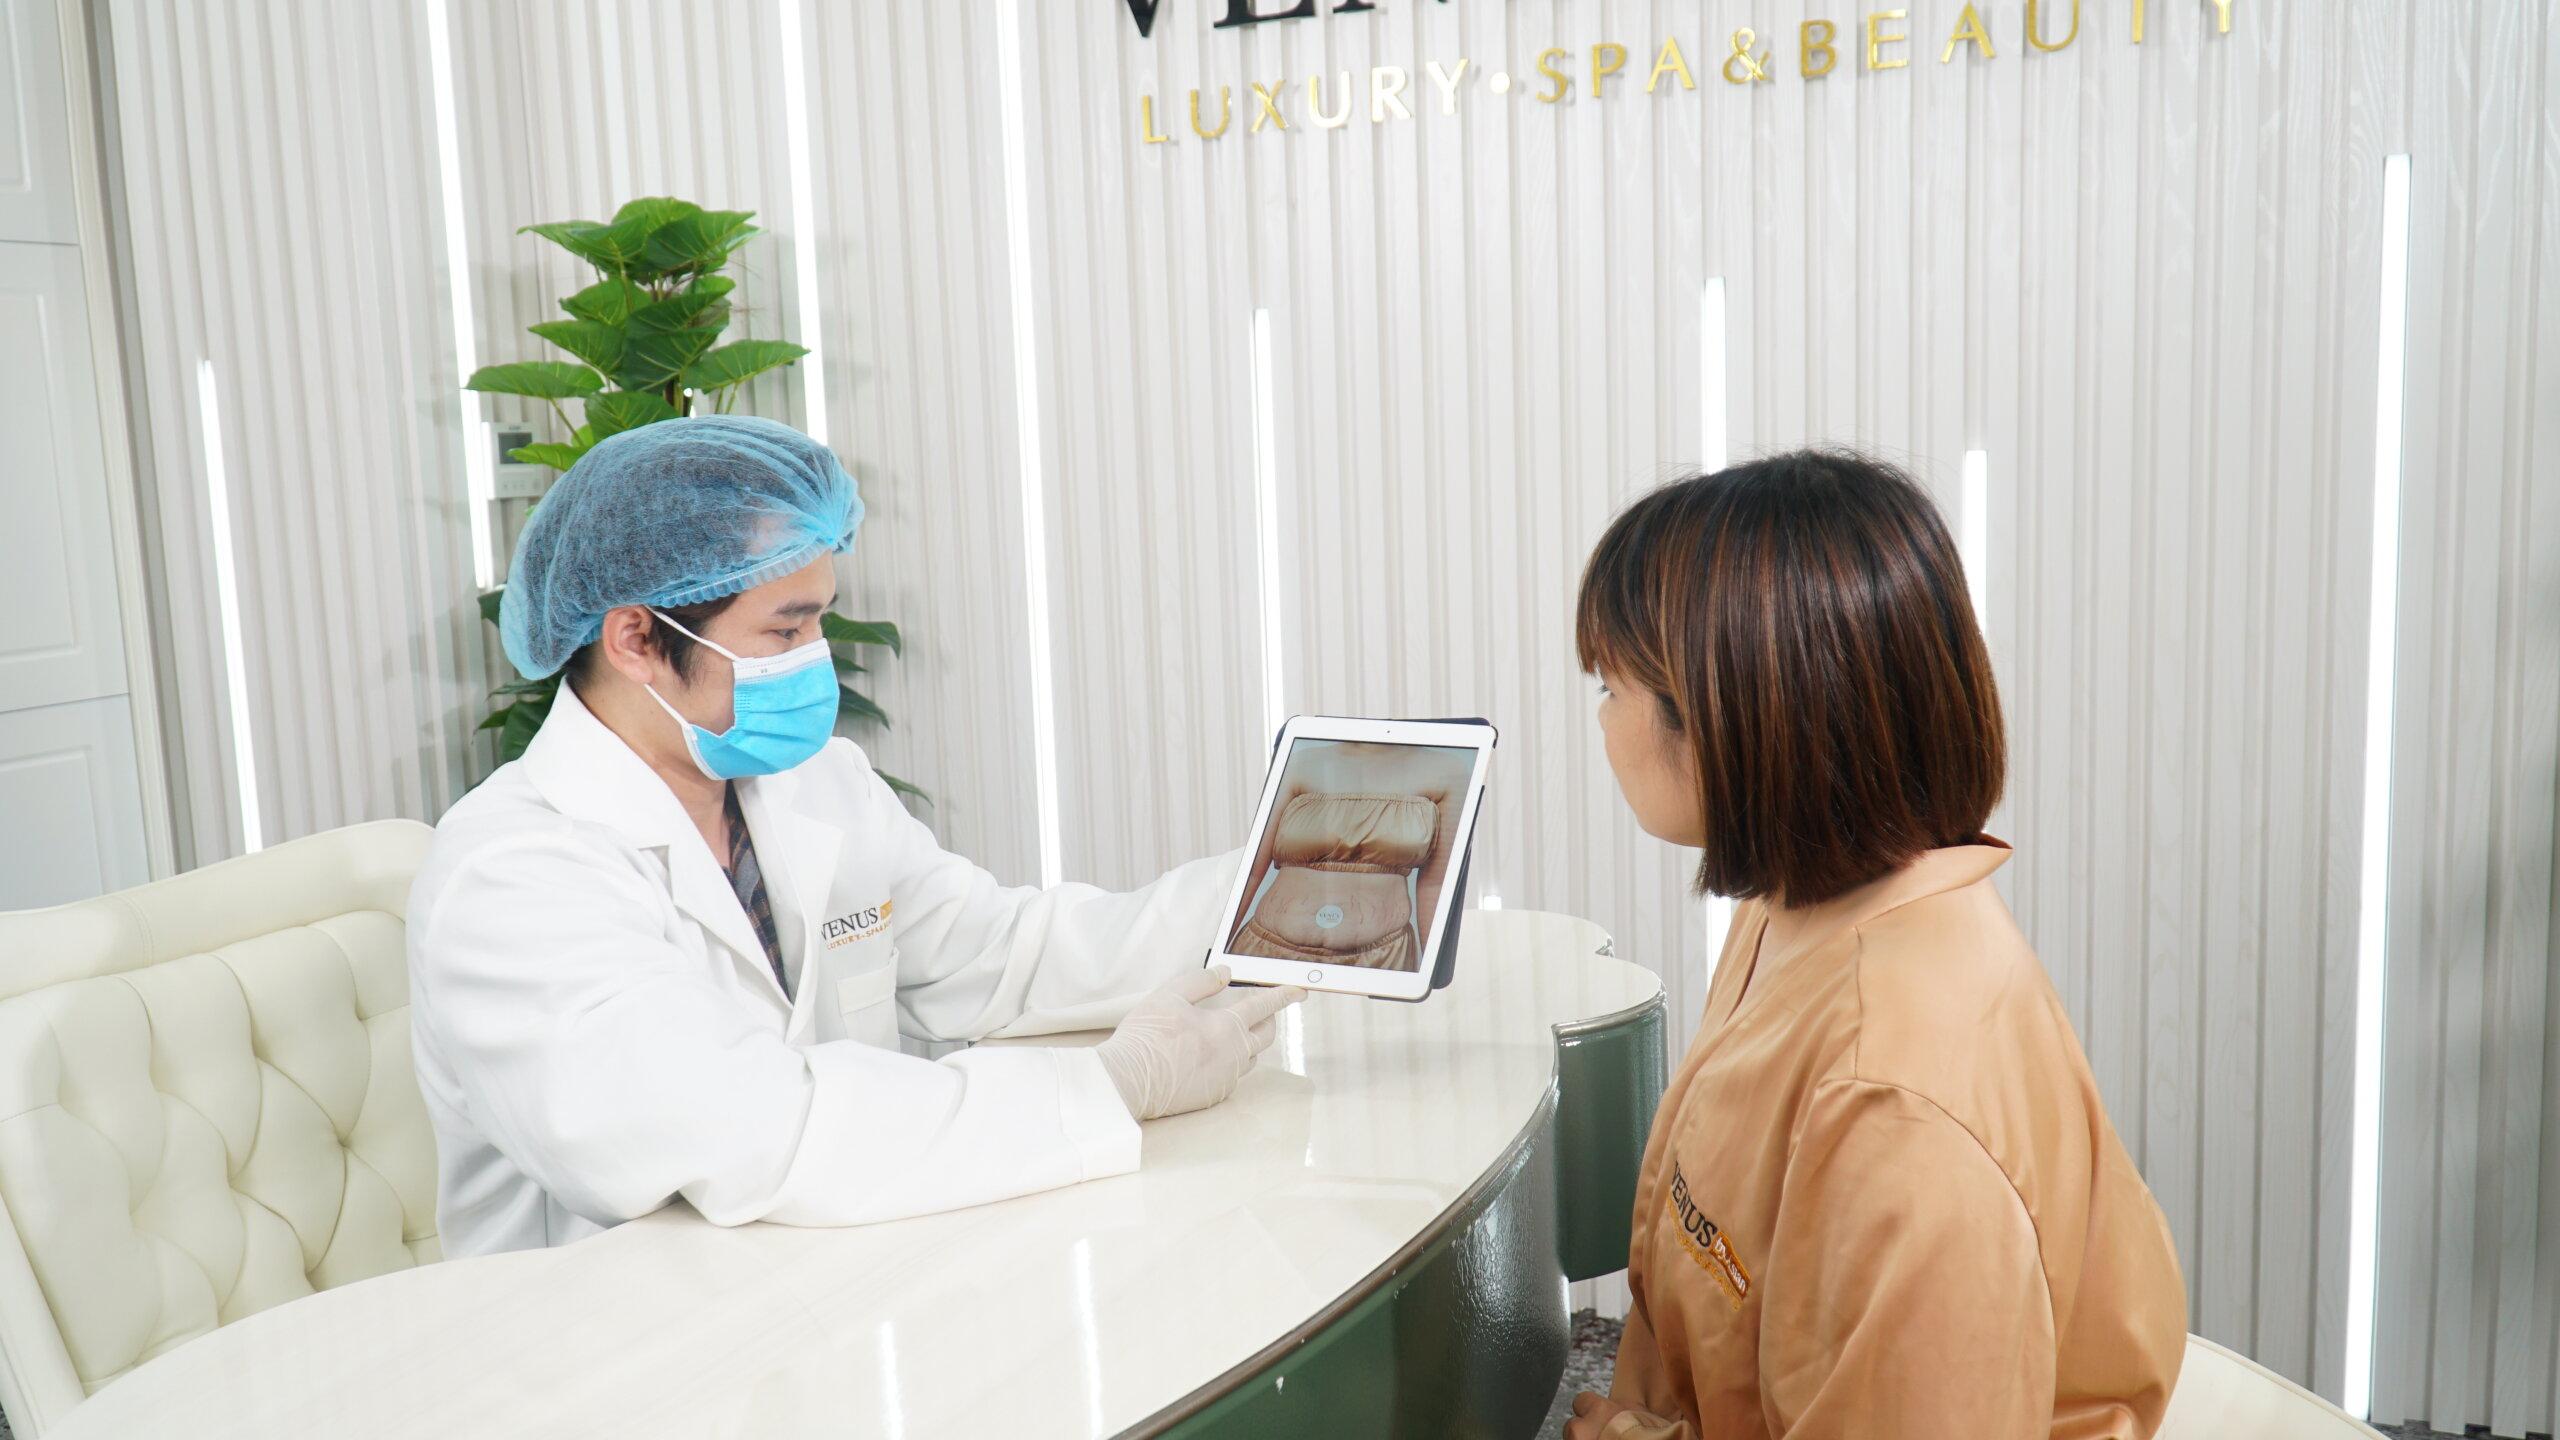 Venus by Asian trở thành thương hiệu được khách hàng tin tưởng và đánh giá cao